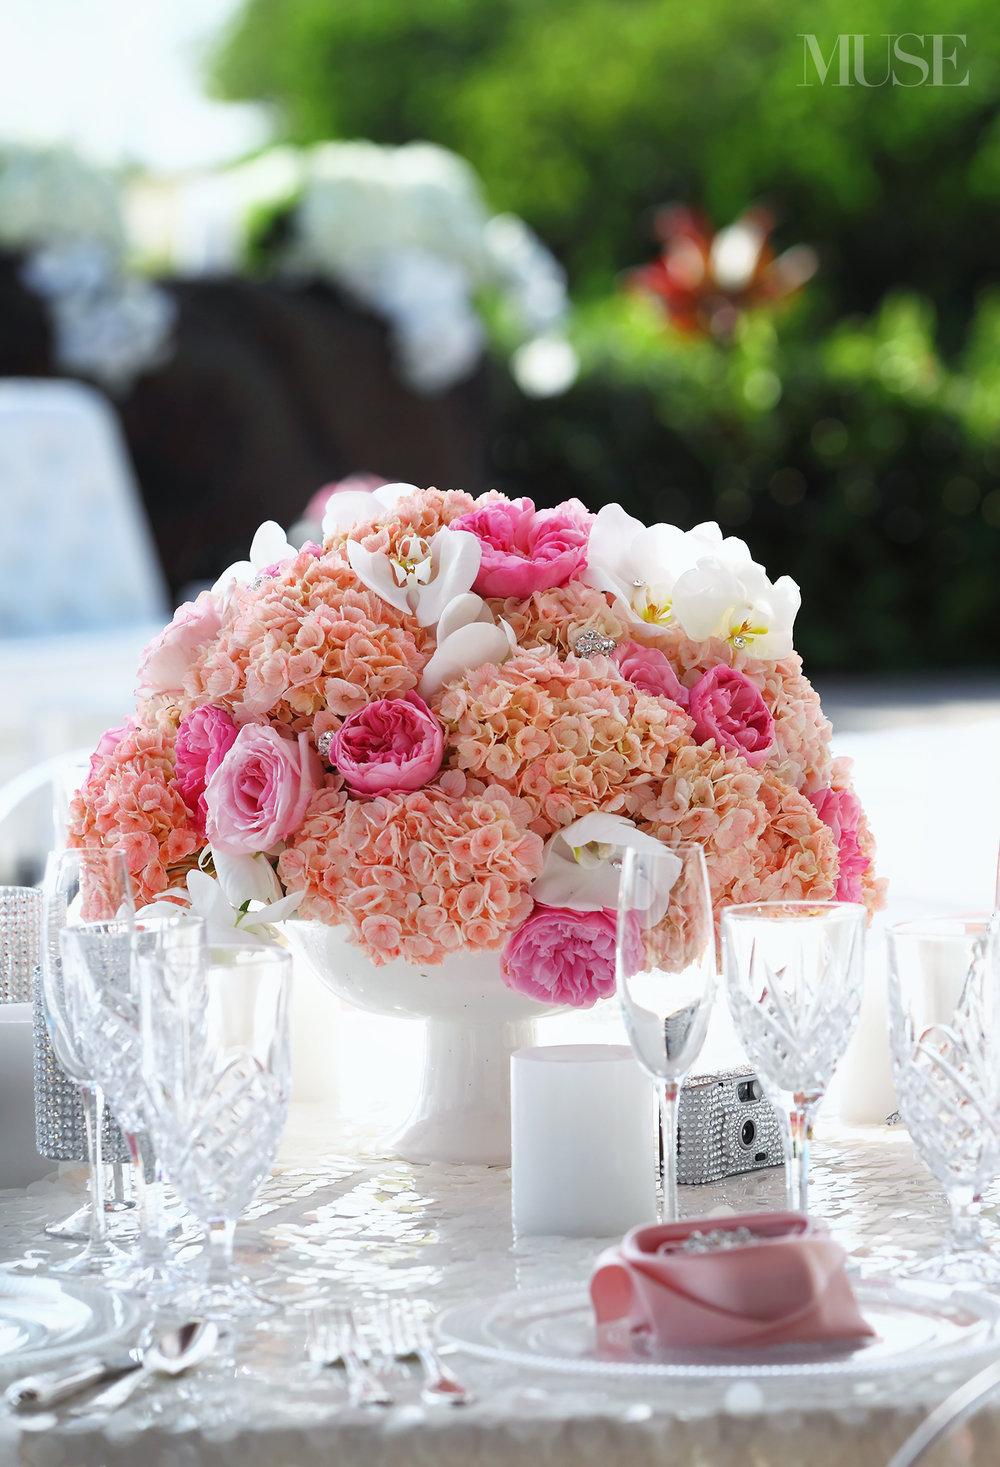 MUSE Bride Lookbook - Flowers . Pink